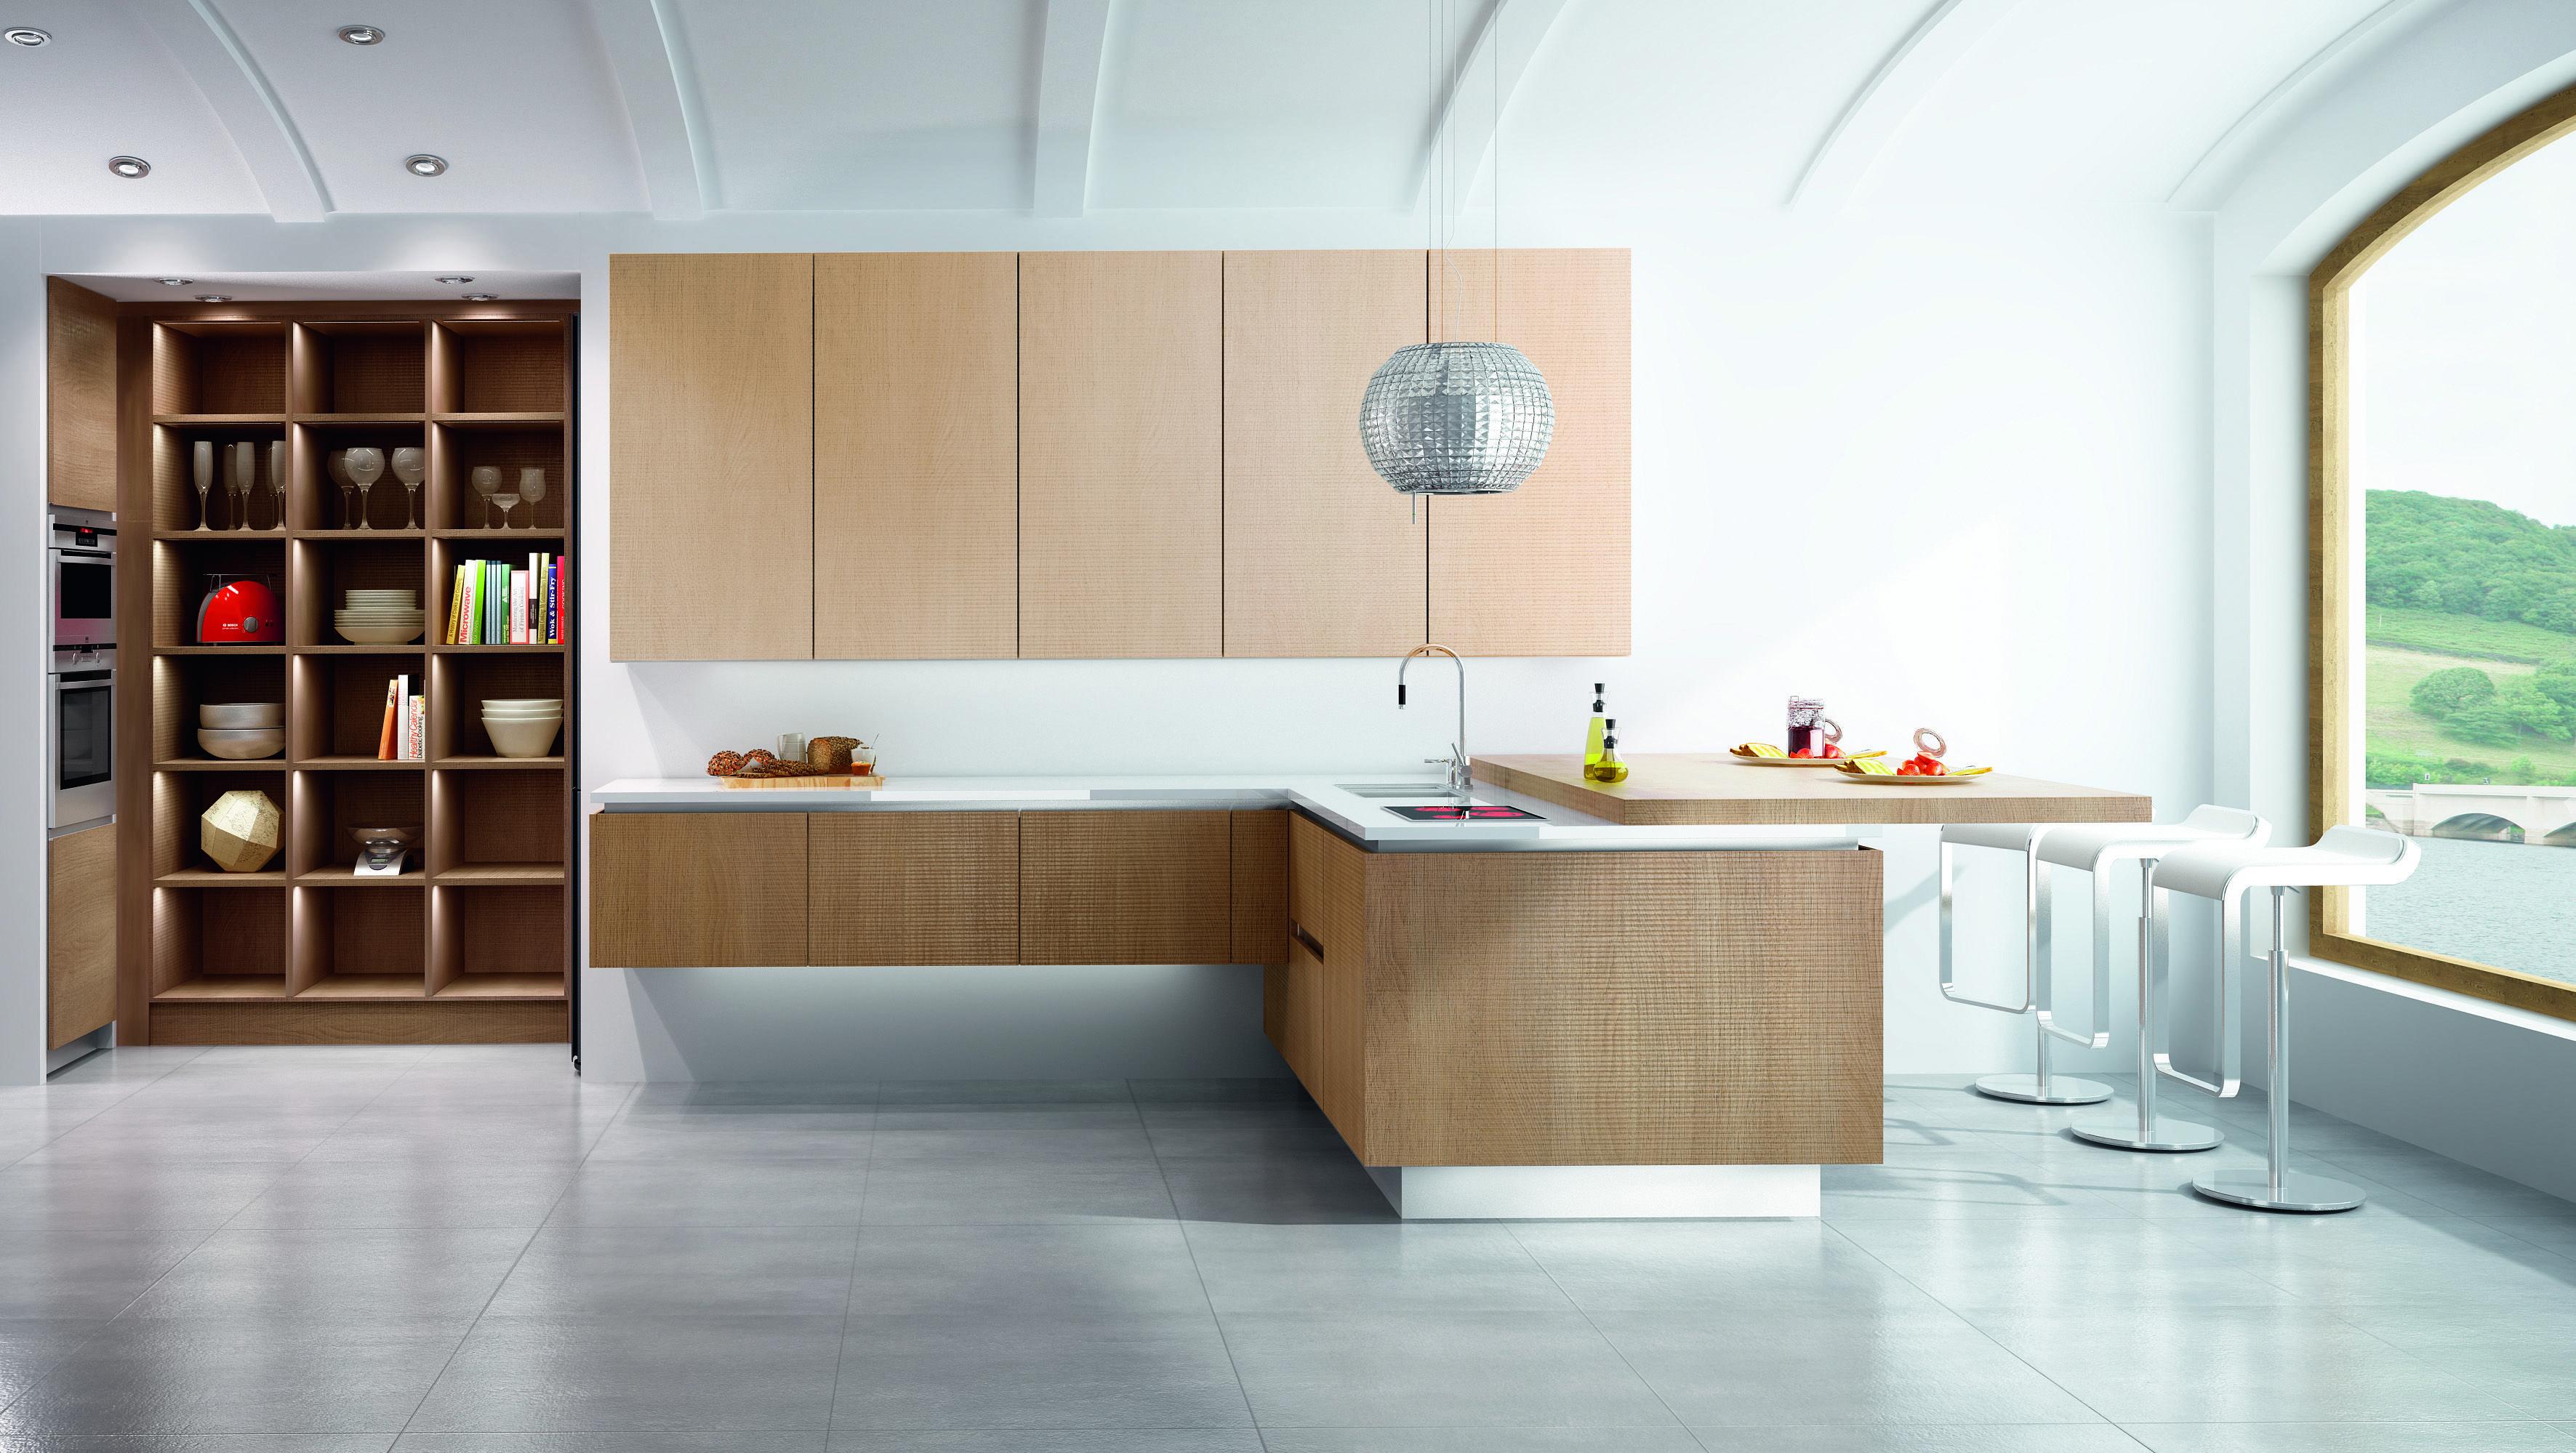 m dulos de cocina muebles de cocina personalizables agloma